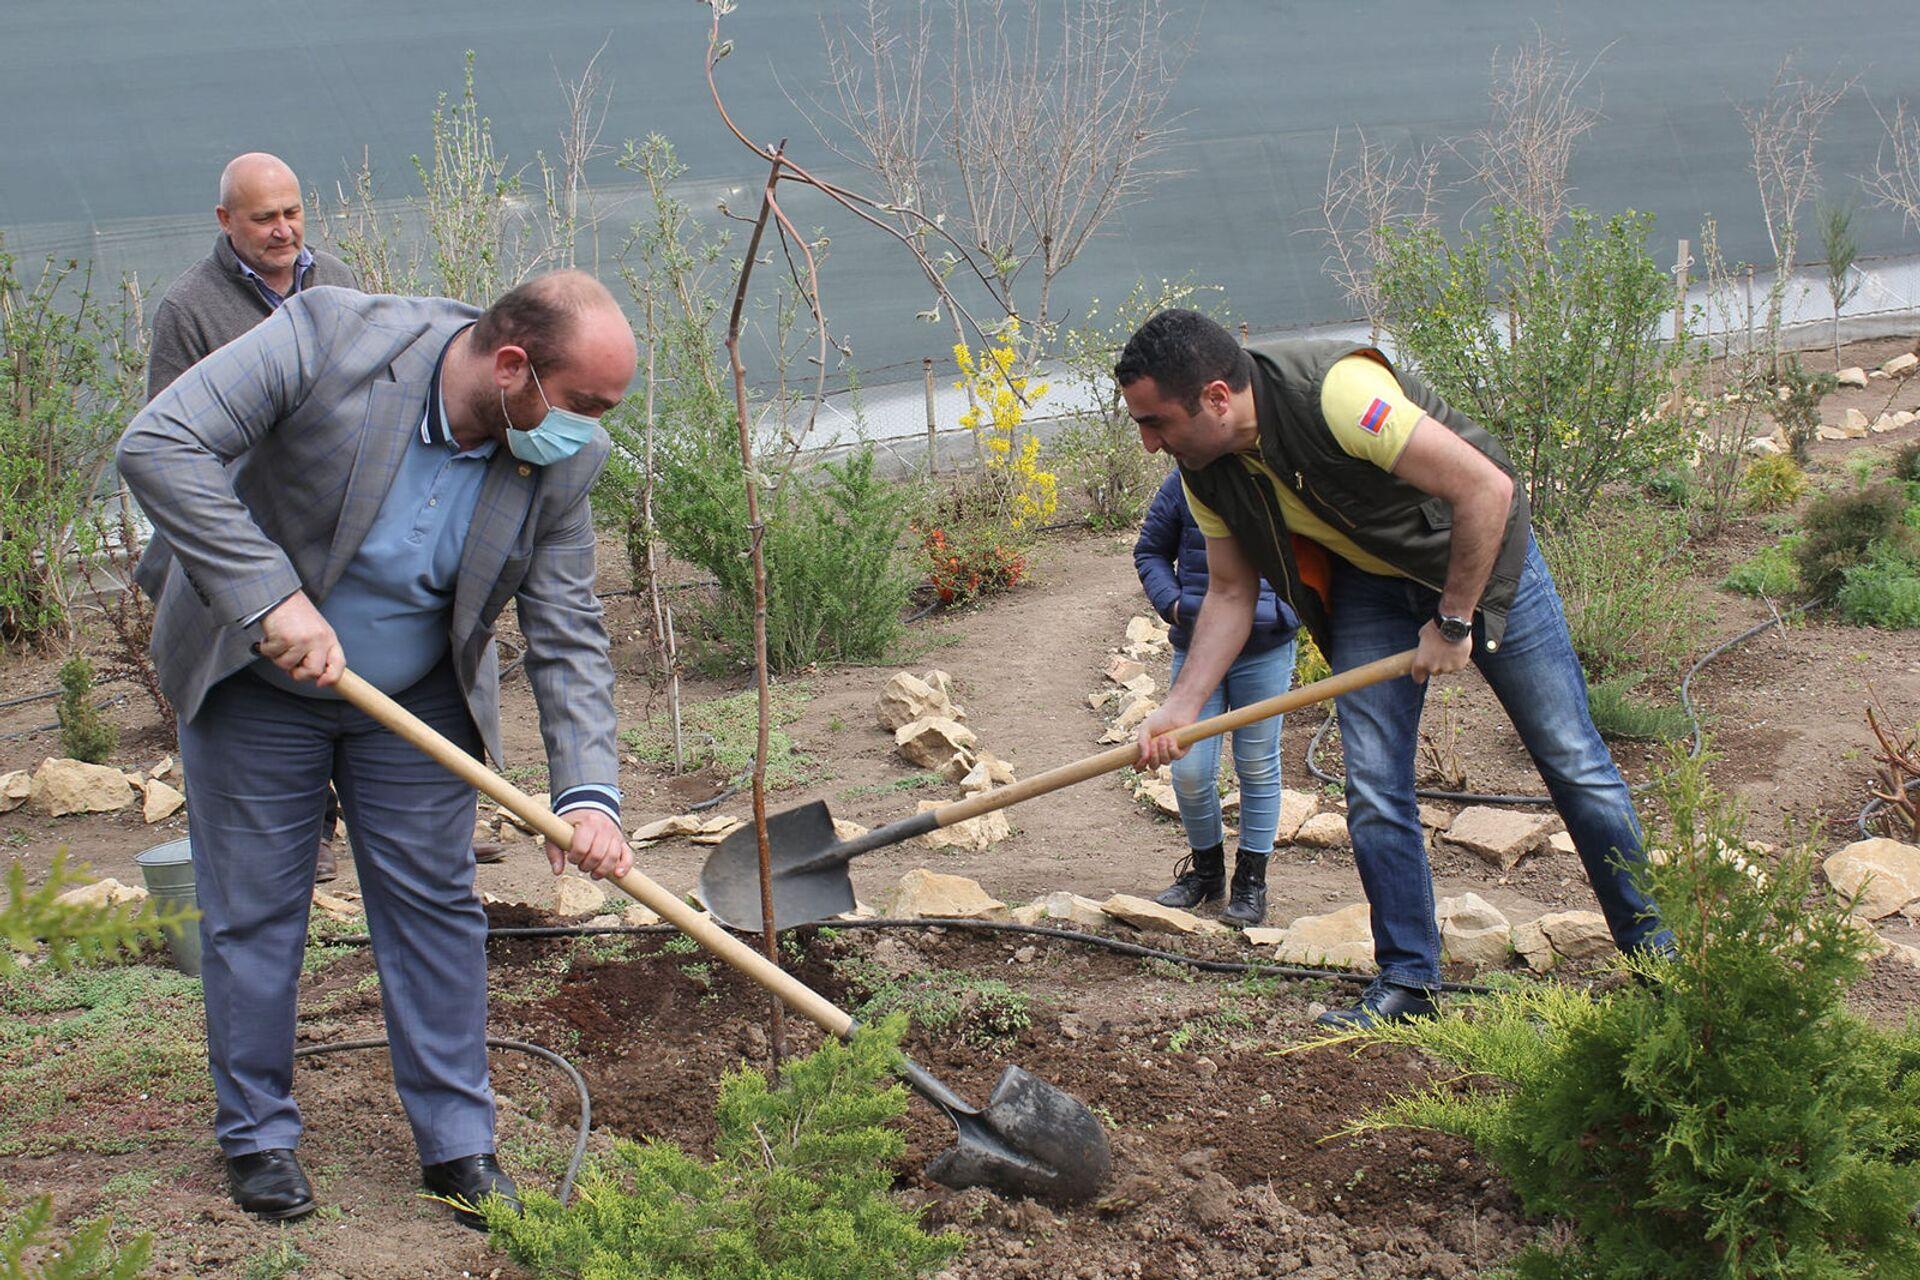 Романос Петросян предложил послу Казахстана присоединиться к посадке деревьев 25 апреля - Sputnik Армения, 1920, 19.04.2021